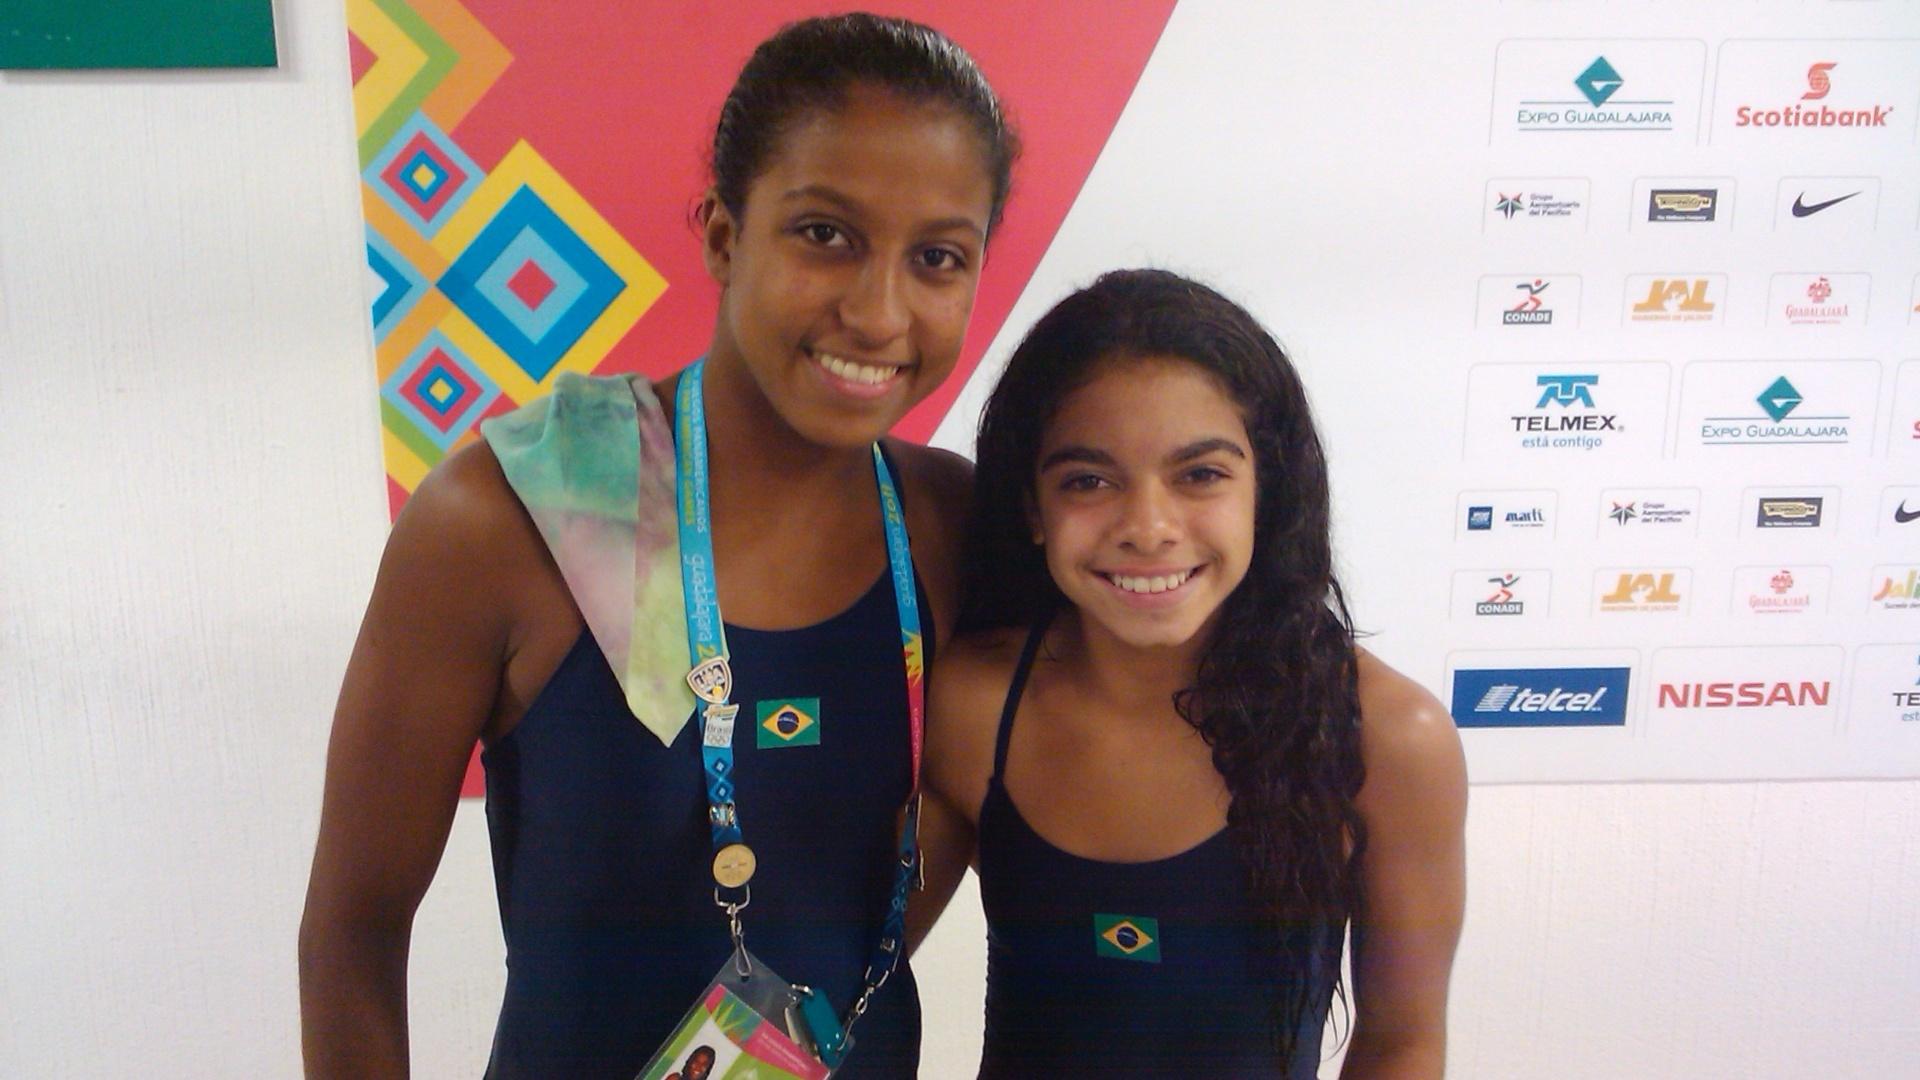 Natali Cruz e Andressa Mendes, atleta dos saltos ornamentais do Brasil (27/10/2011)